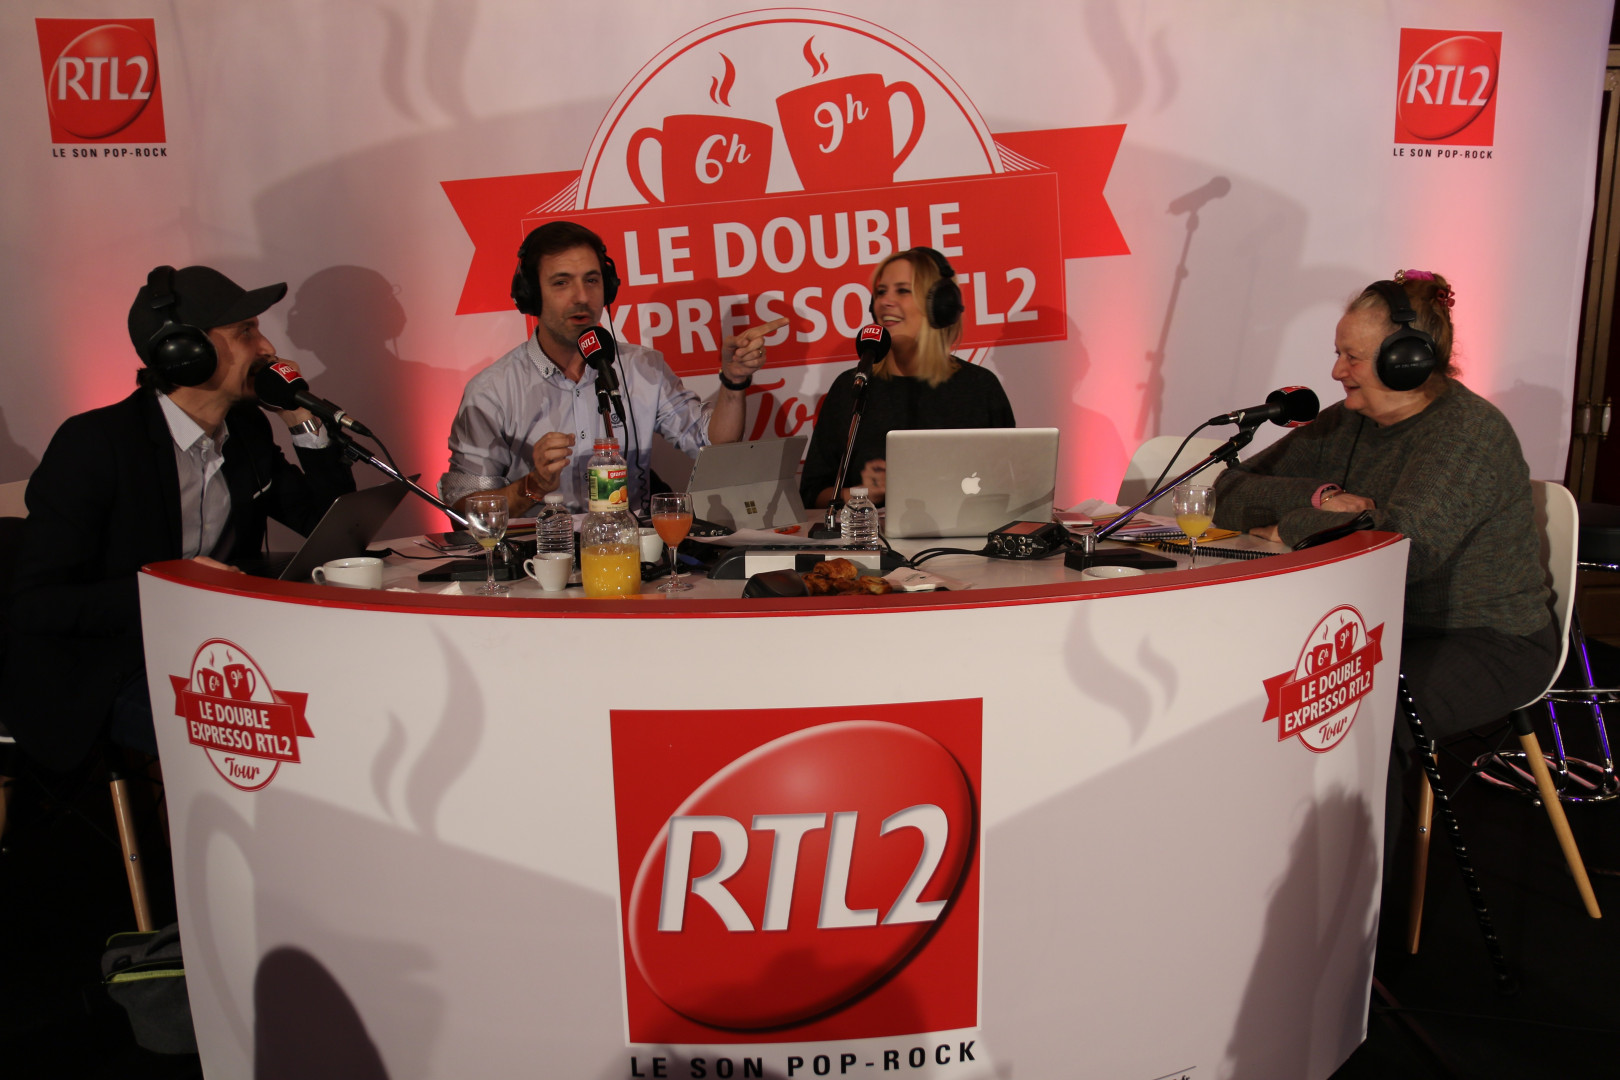 Le Double Expresso en direct du Casino de Paris